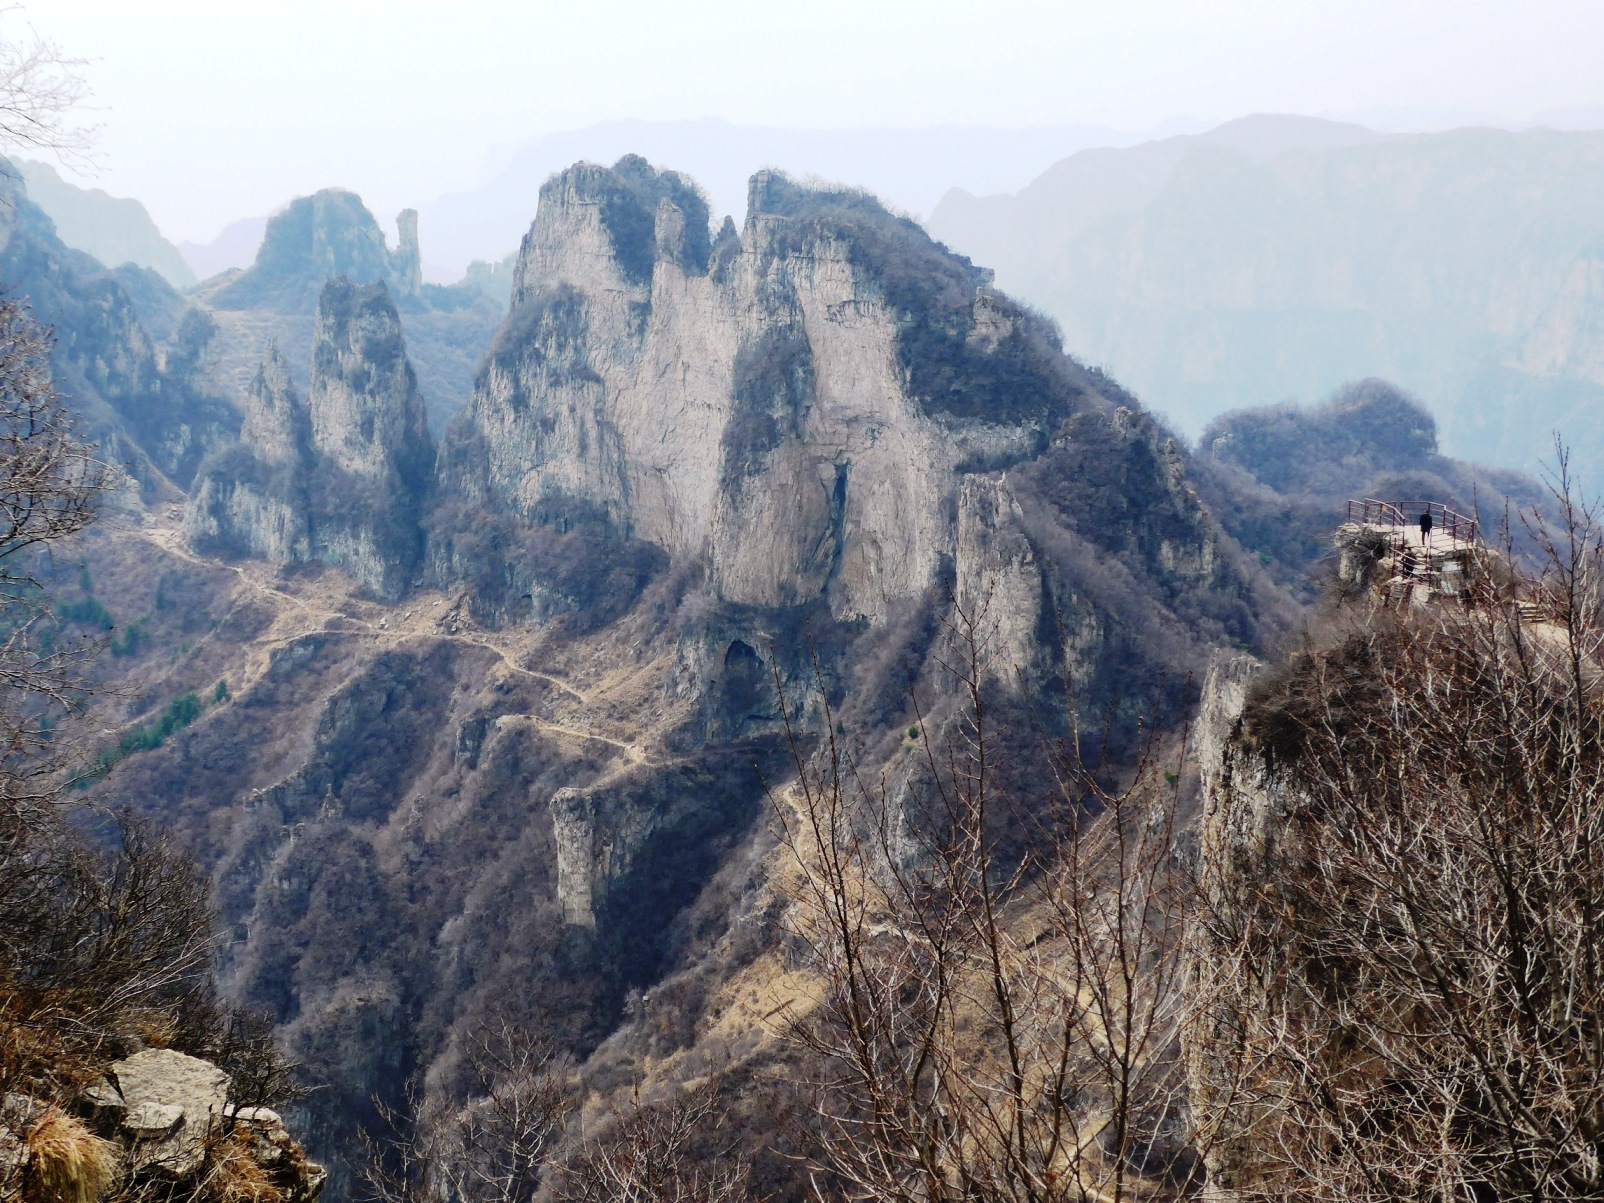 南太行山・王莽嶺(ワンマンリン)からの眺め